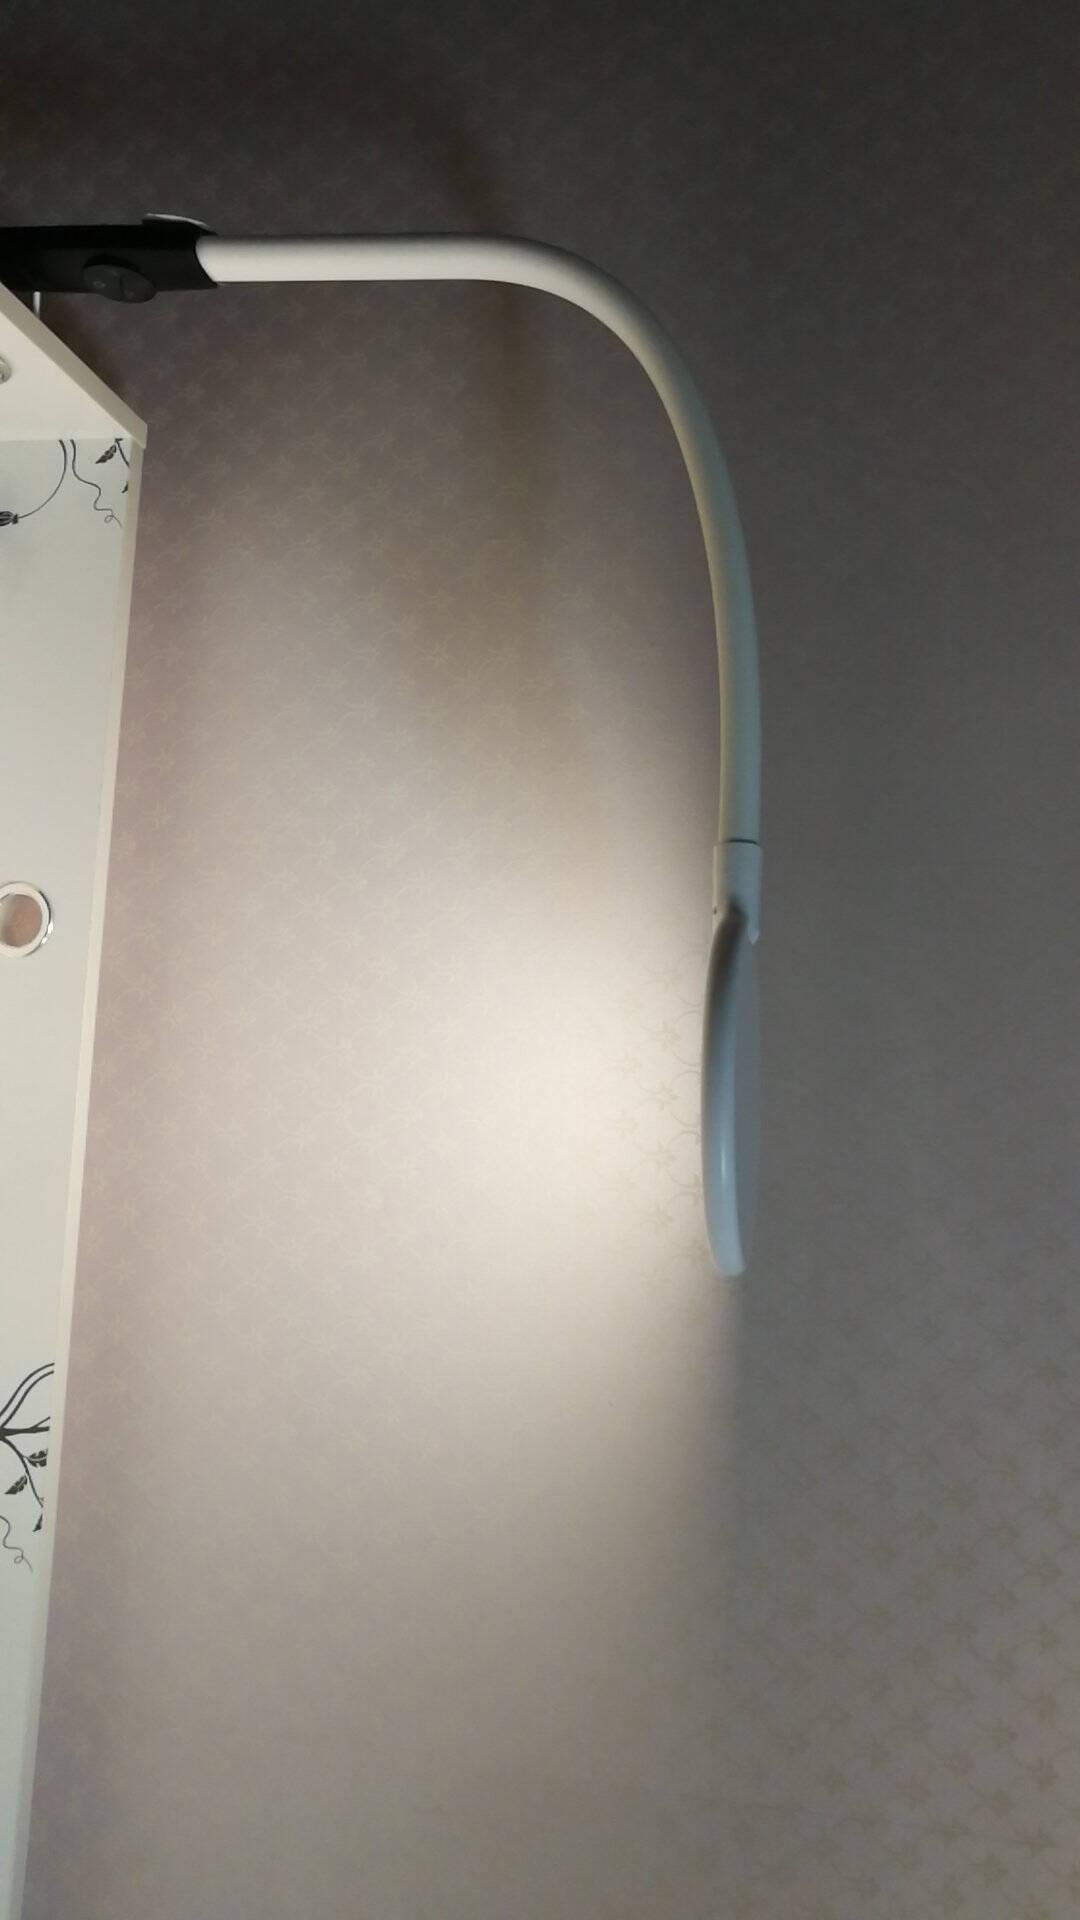 良亮LED落地灯学生学习书桌钢琴灯卧室床头灯客厅书房阅读立式调光调色落地灯简约现代6609简约白